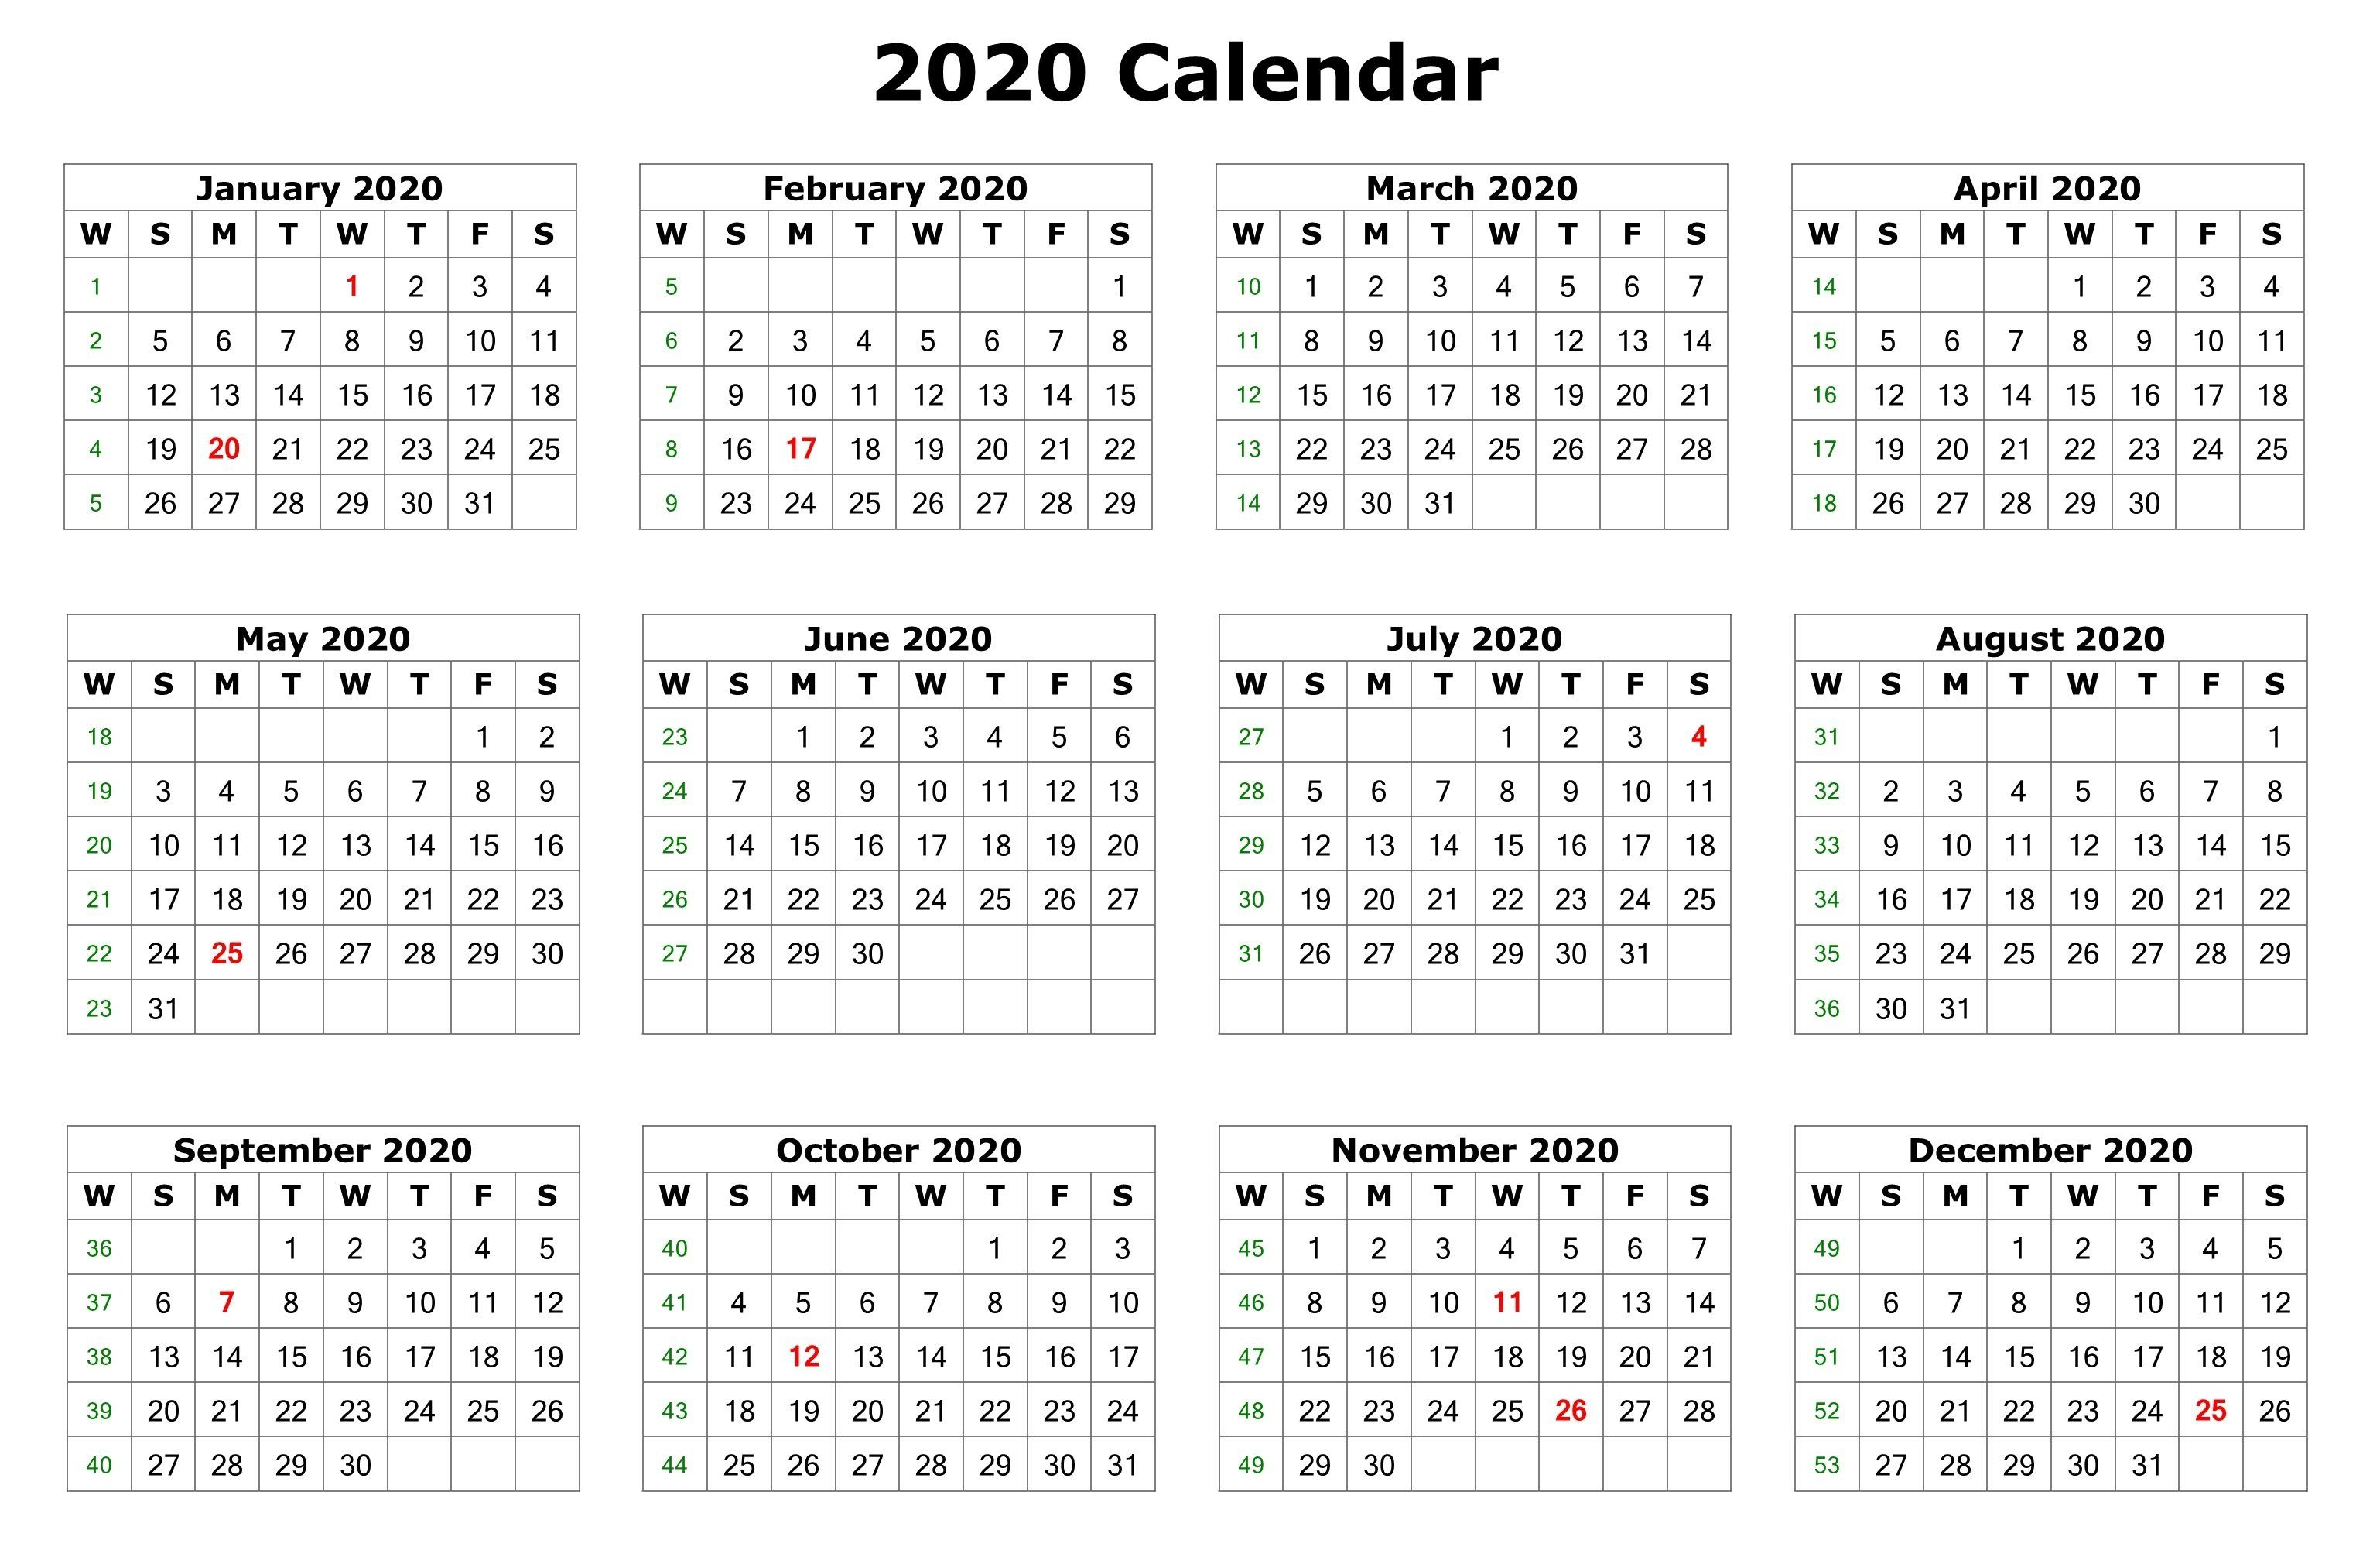 12 Months 2020 Calendar - Tunu.redmini.co